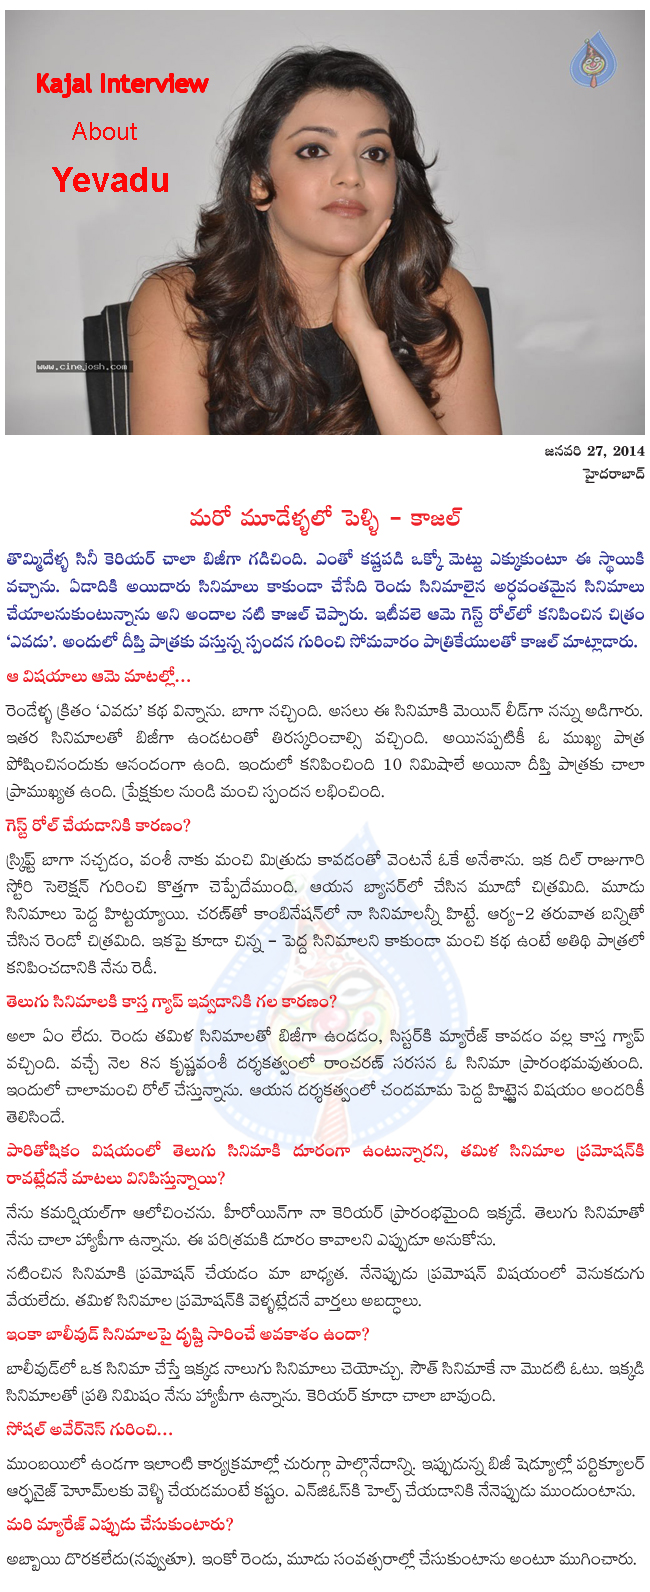 kajal agarwal interview,kajal about yevadu movie success,chitchat with kajal,kajal interview,